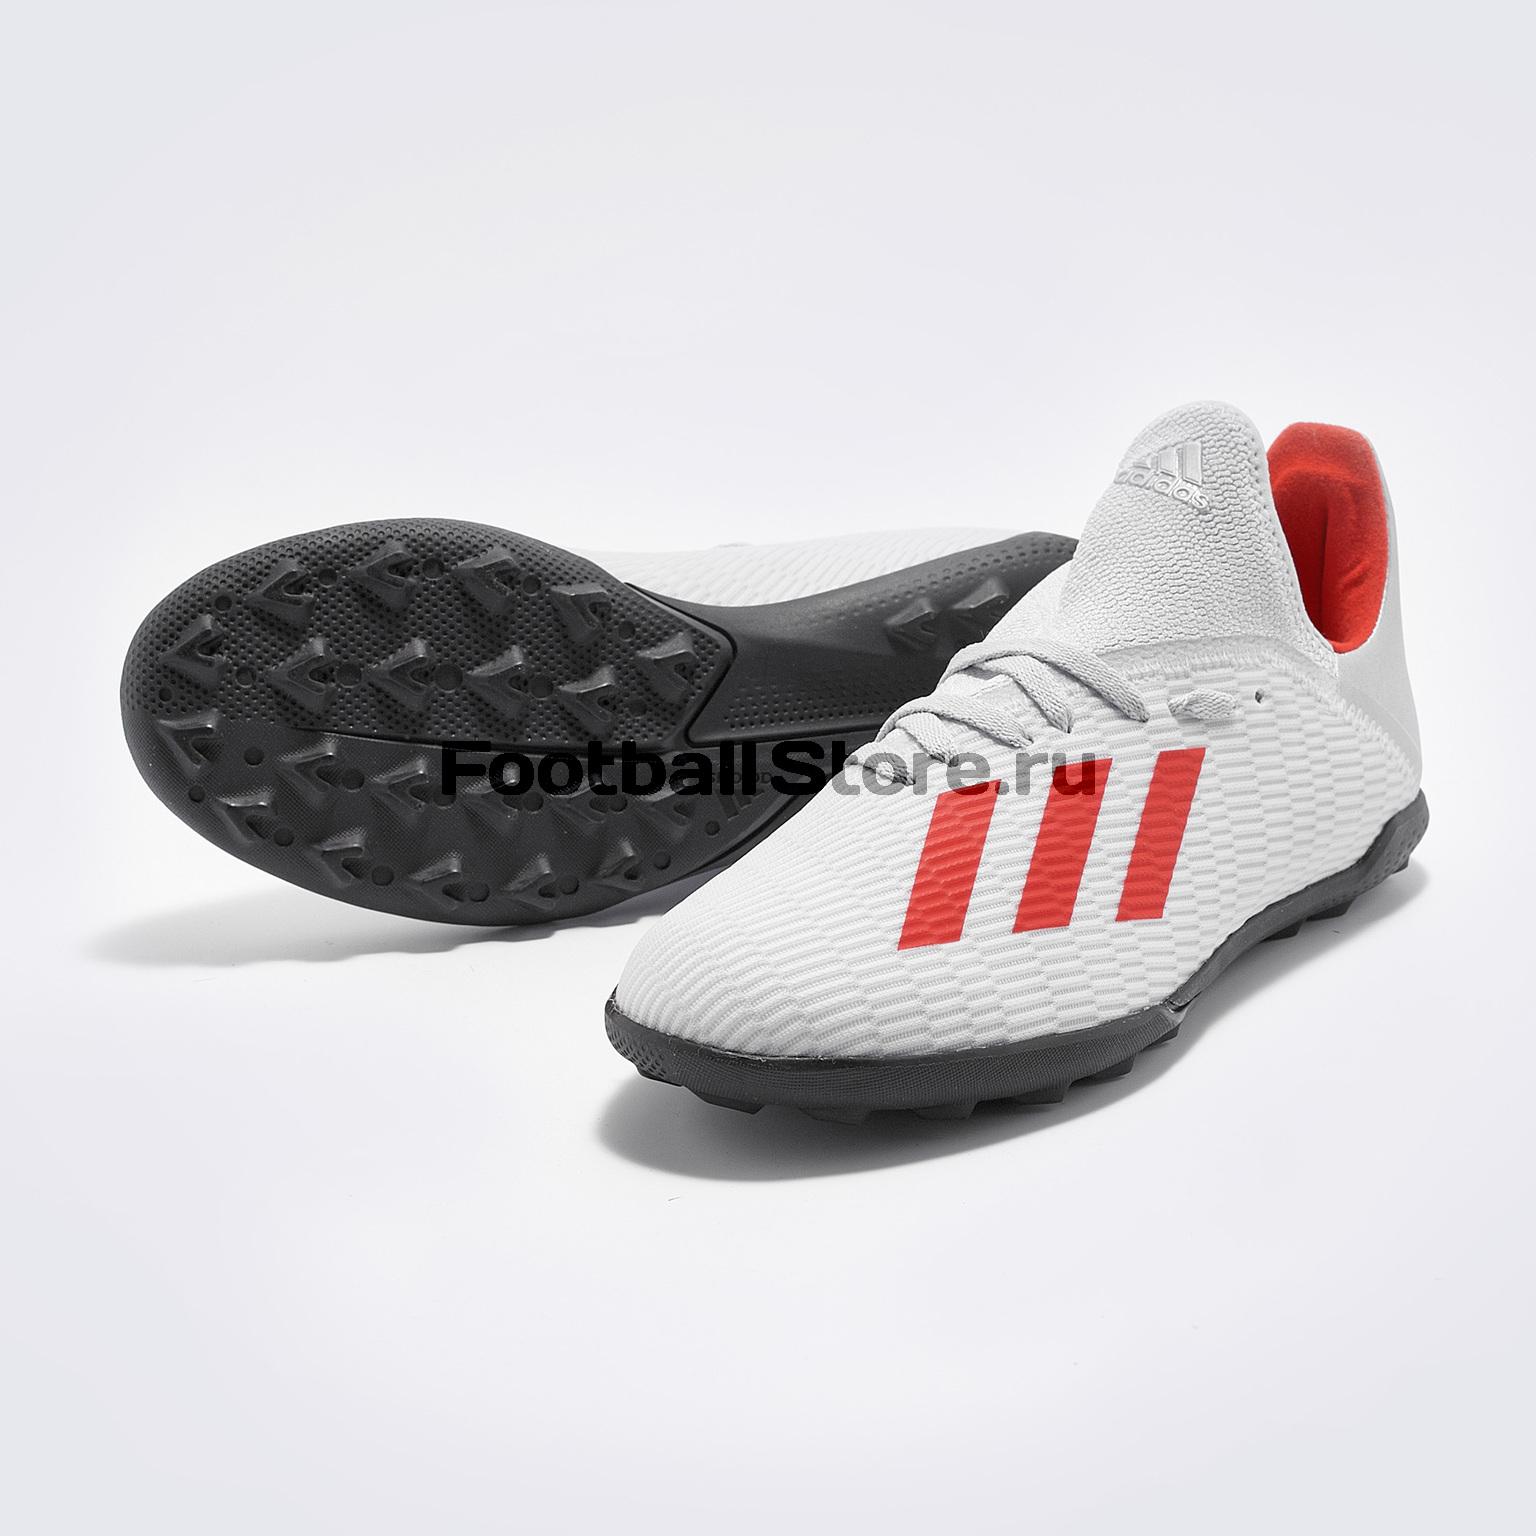 Шиповки детские Adidas X 19.3 TF F35358 шиповки детские adidas x tango 18 3 tf db2422